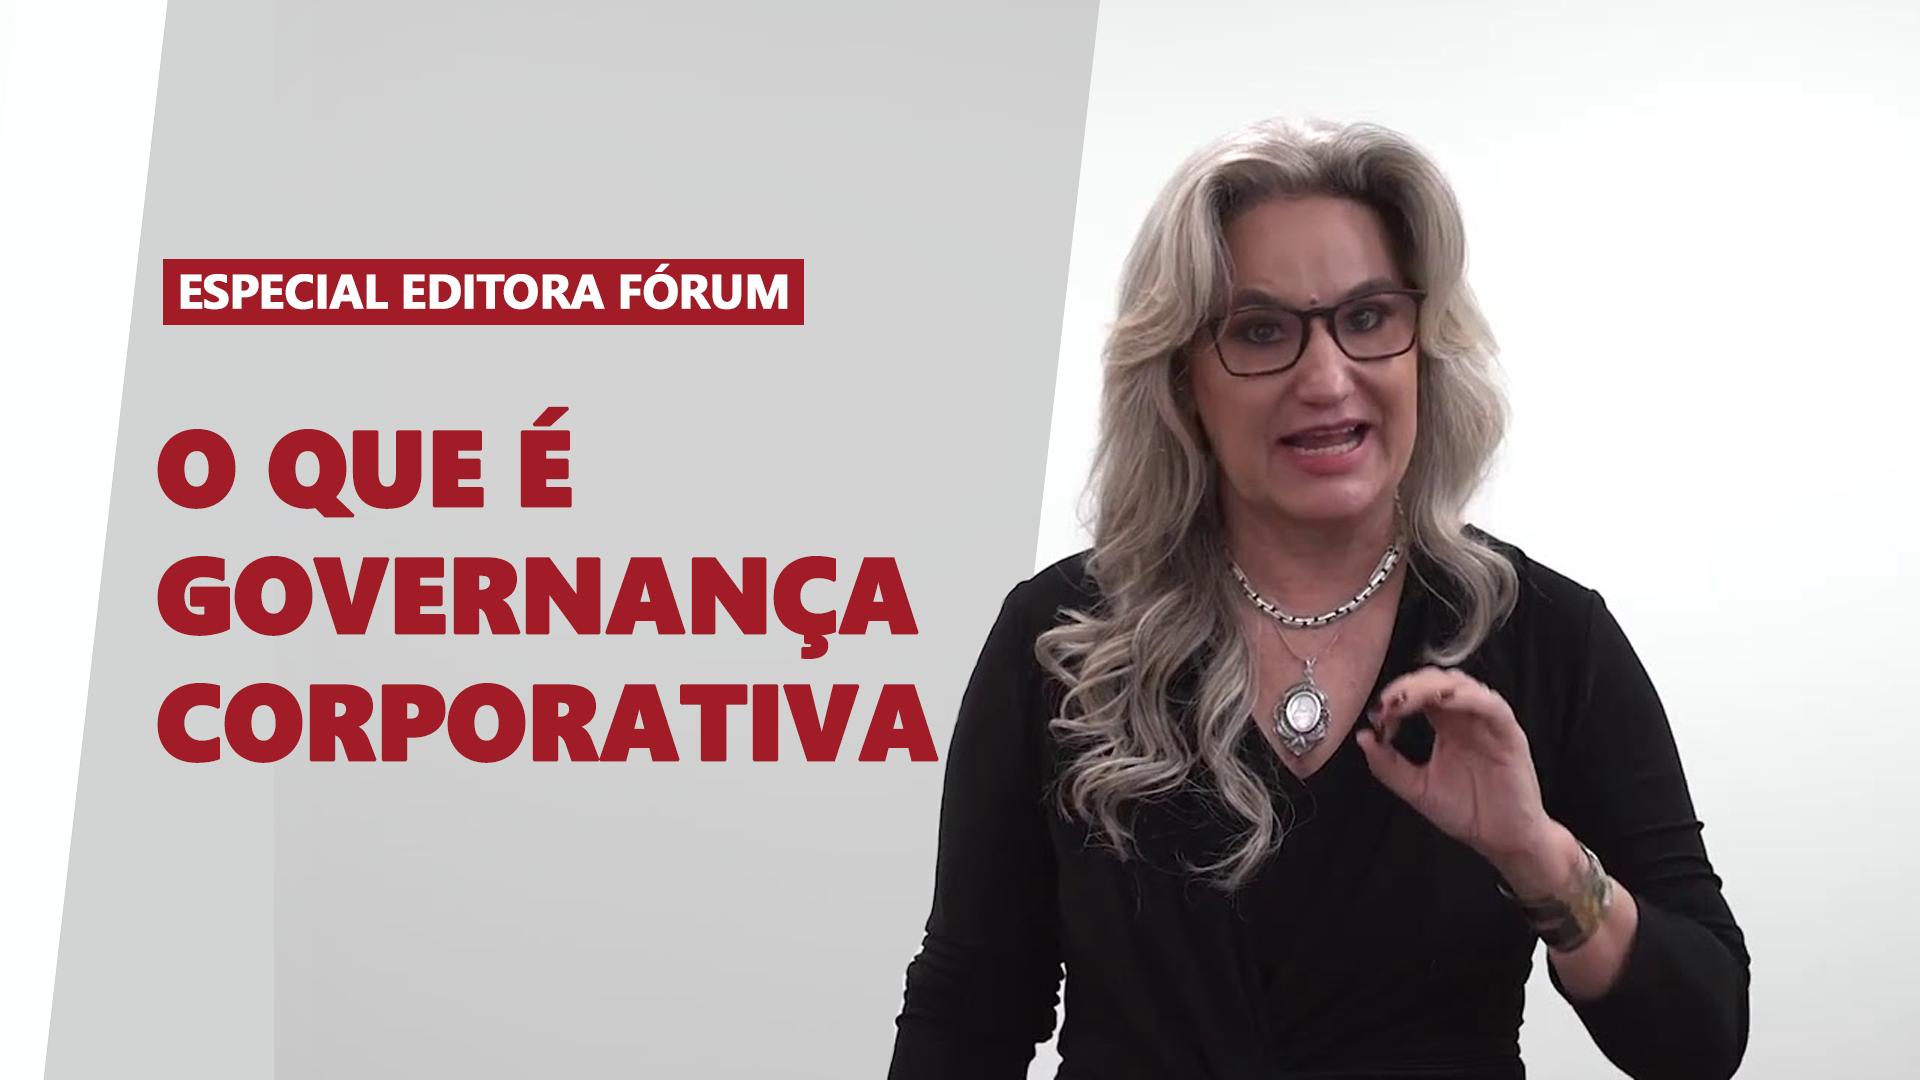 Série de vídeos sobre Governança, especial para a editora Fórum